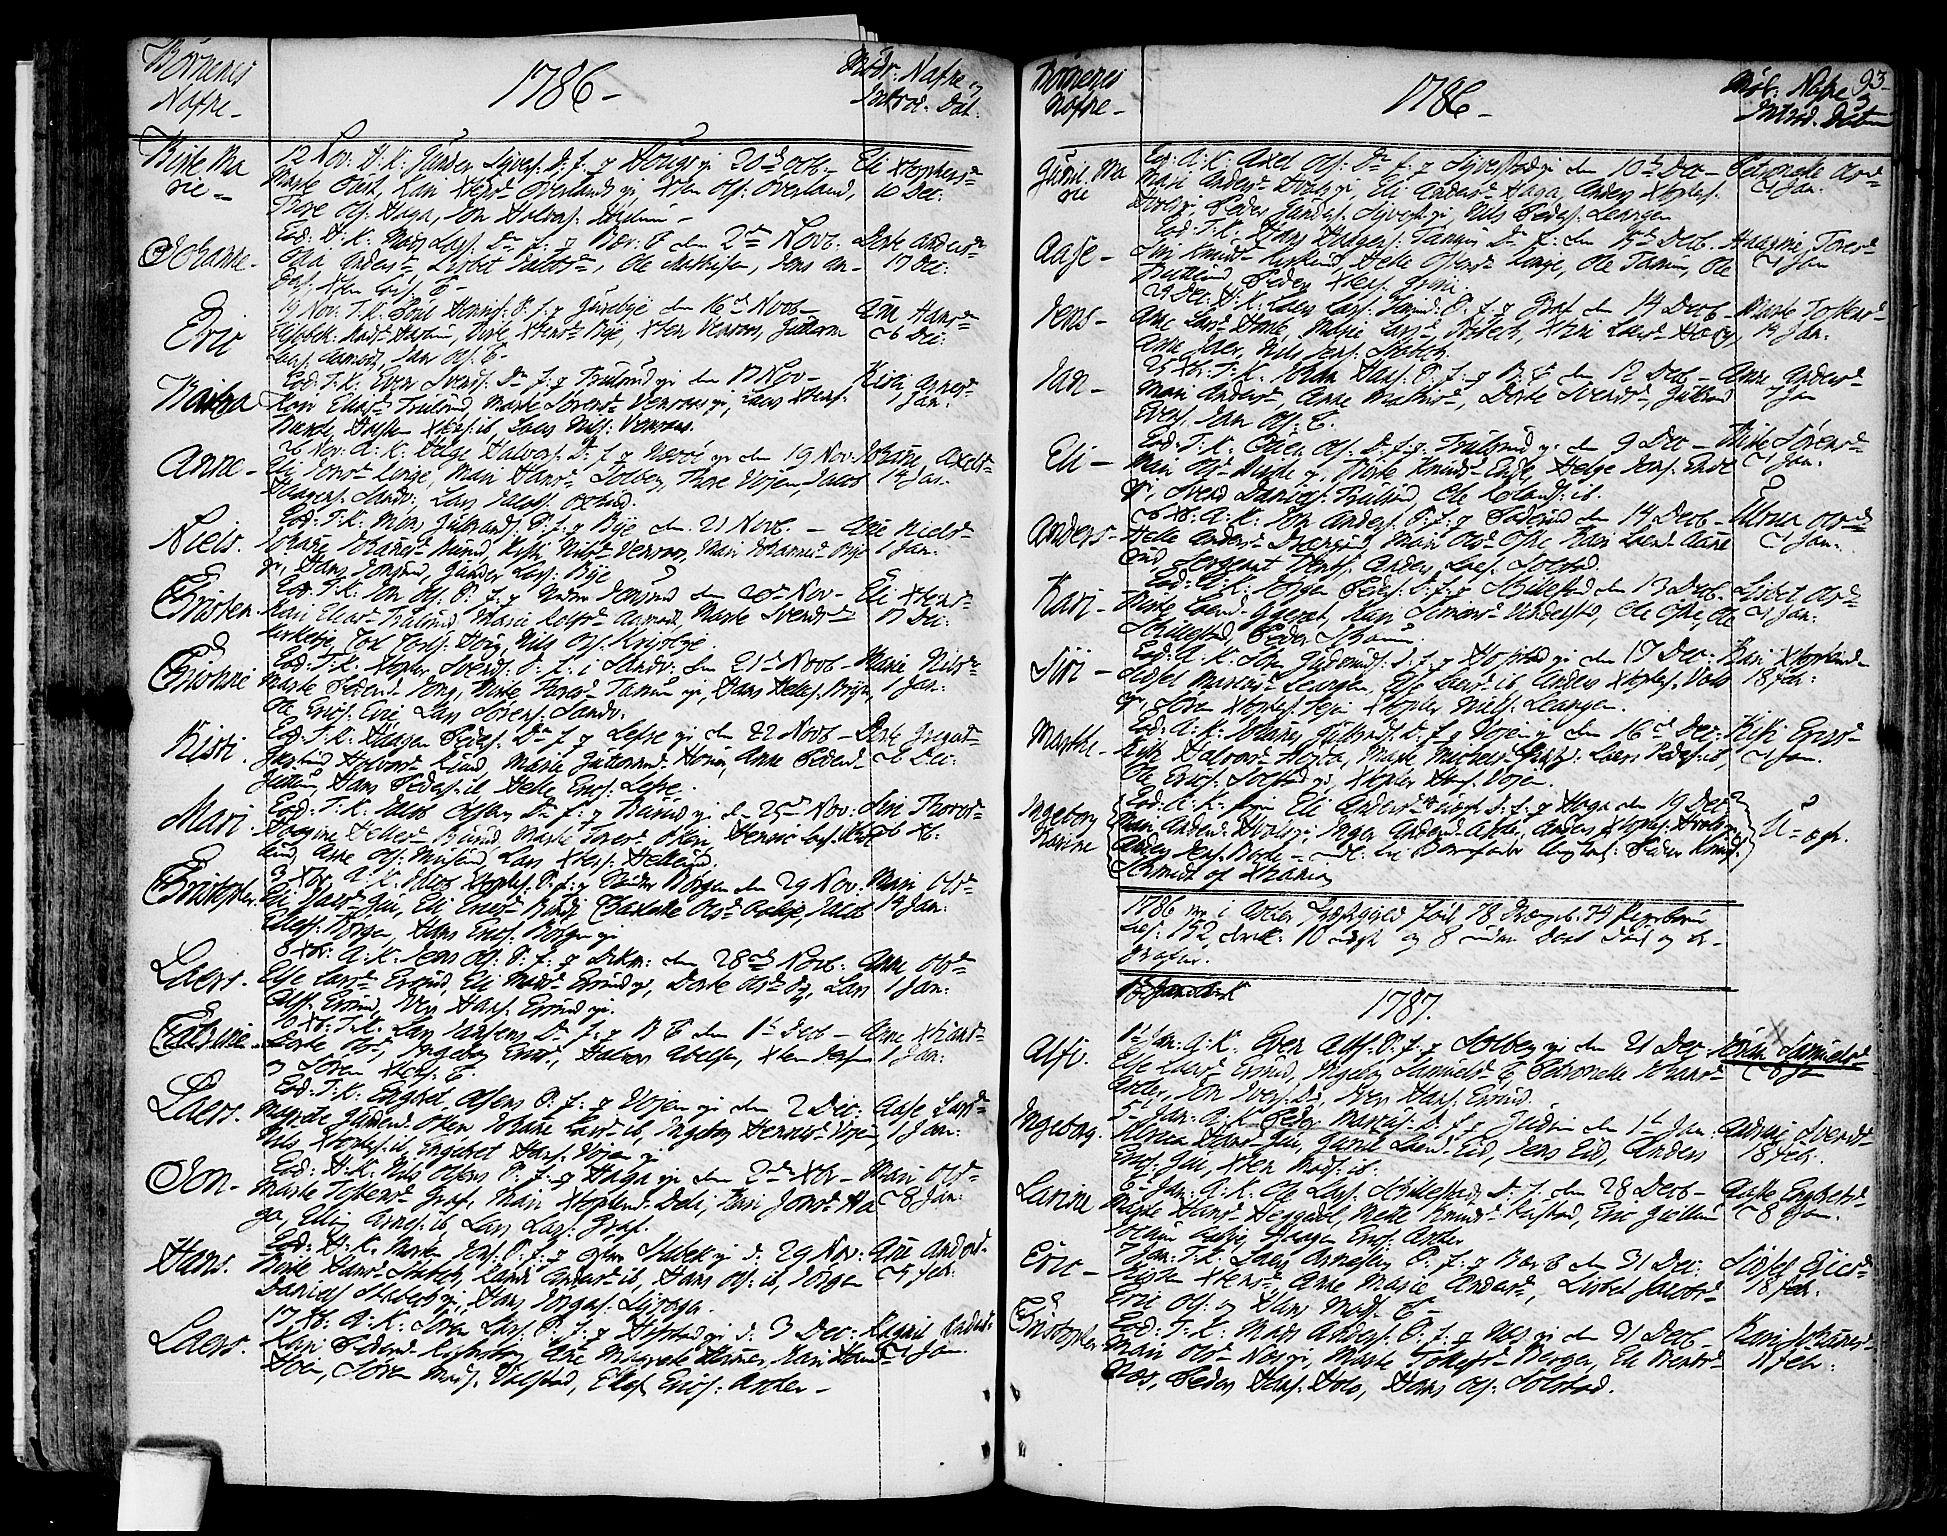 SAO, Asker prestekontor Kirkebøker, F/Fa/L0003: Ministerialbok nr. I 3, 1767-1807, s. 93